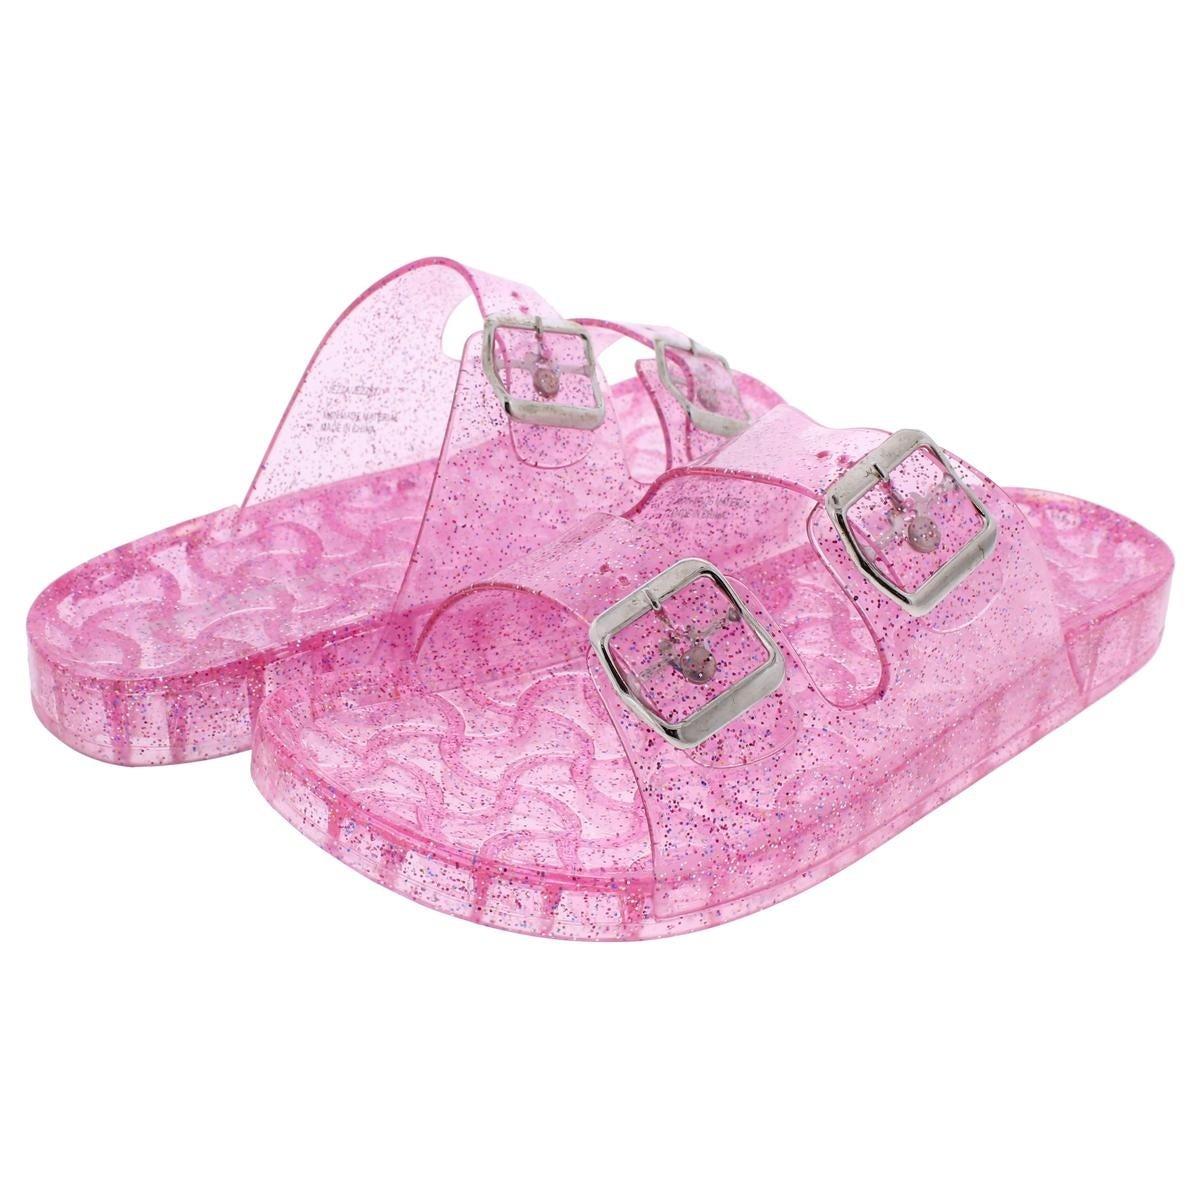 2425717ec2cb Shop Madden Girl by Steve Madden Womens Jezza Slide Sandals Jelly Glitter -  Free Shipping On Orders Over  45 - Overstock - 20731533